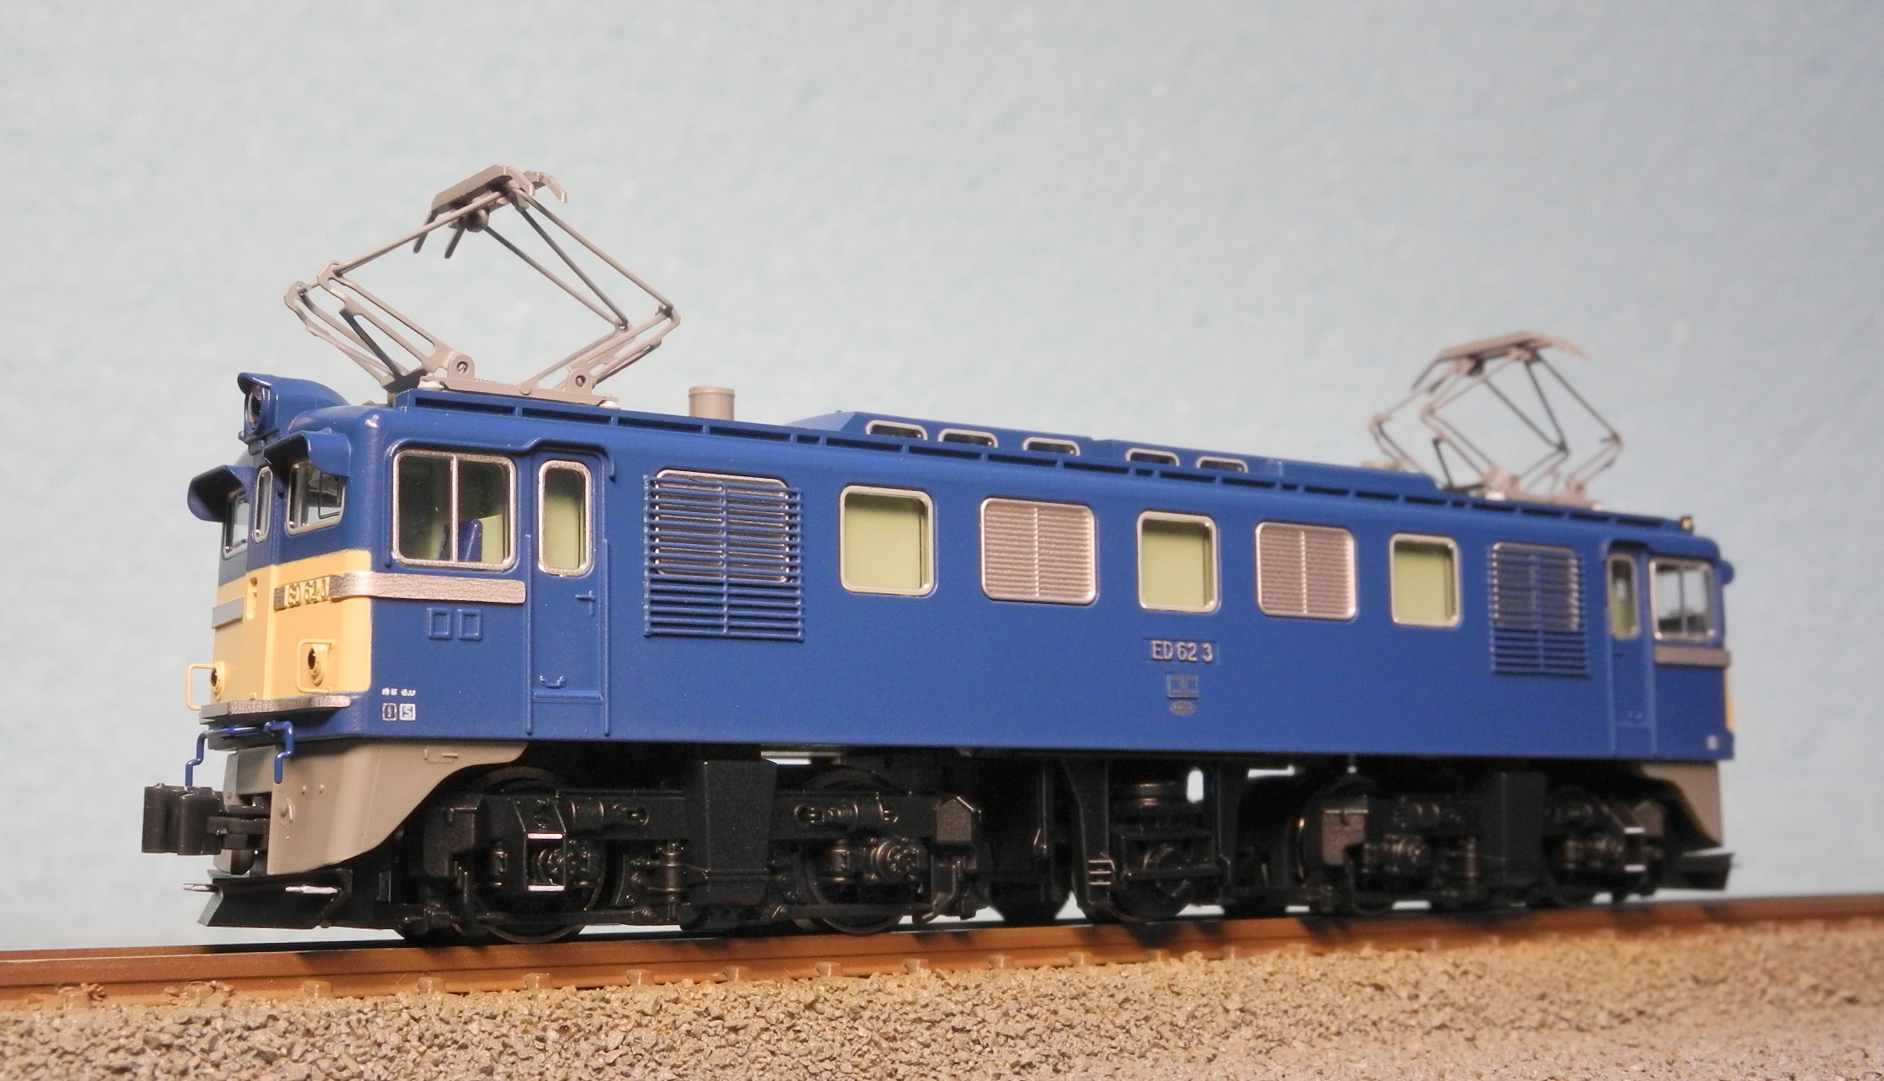 DSCN0030-1.jpg